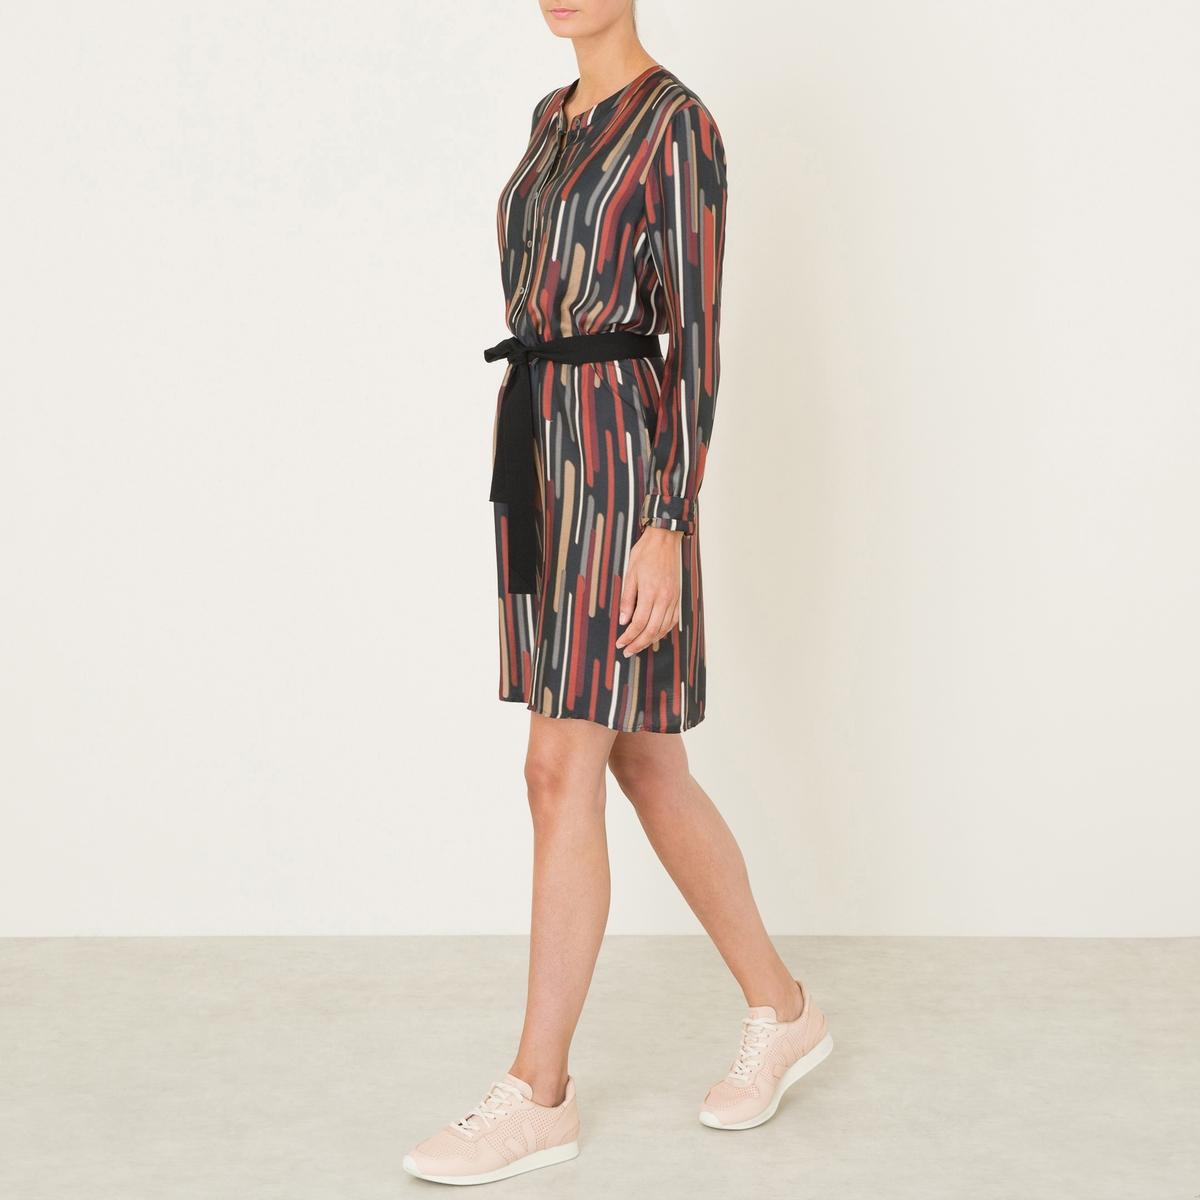 Платье MANITAСостав и описание :Материал : 65% вискозы, 35% шелкаДлина : 103 см. (для размера 36)Марка : DIEGA<br><br>Цвет: черный